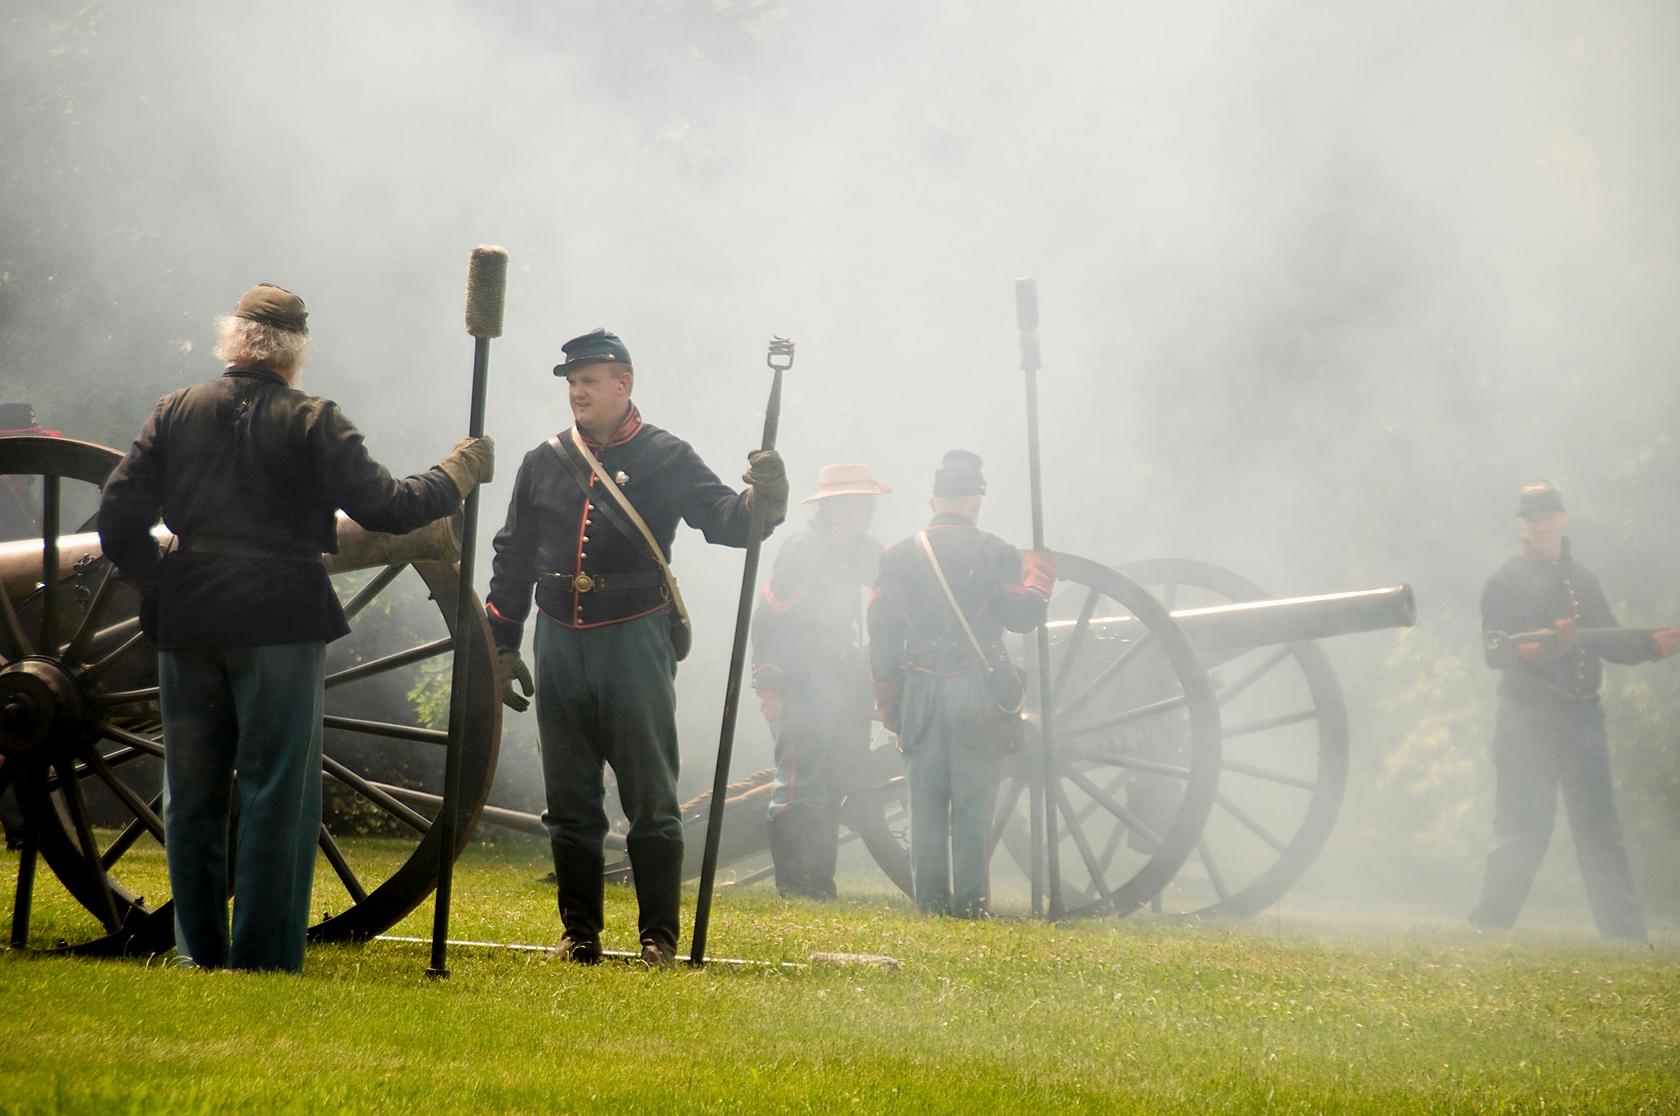 Tredegar Iron Works Cannon 1861 Confederate Civil War Bronze Commemorative